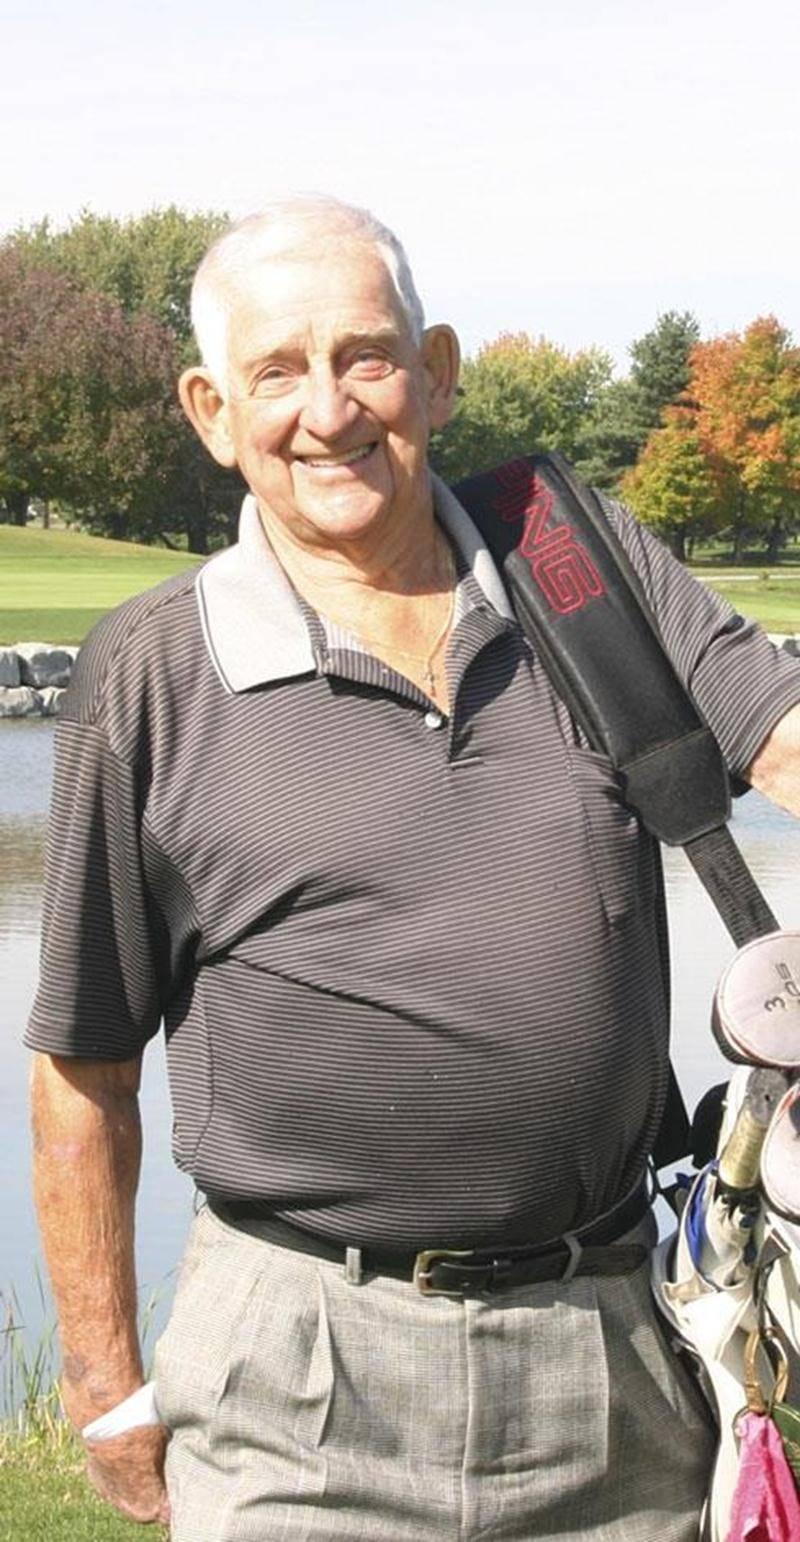 Malgré ses 90 ans, le Maskoutain Viateur Dubé frappe toujours avec autant d'aisance la petite balle blanche.